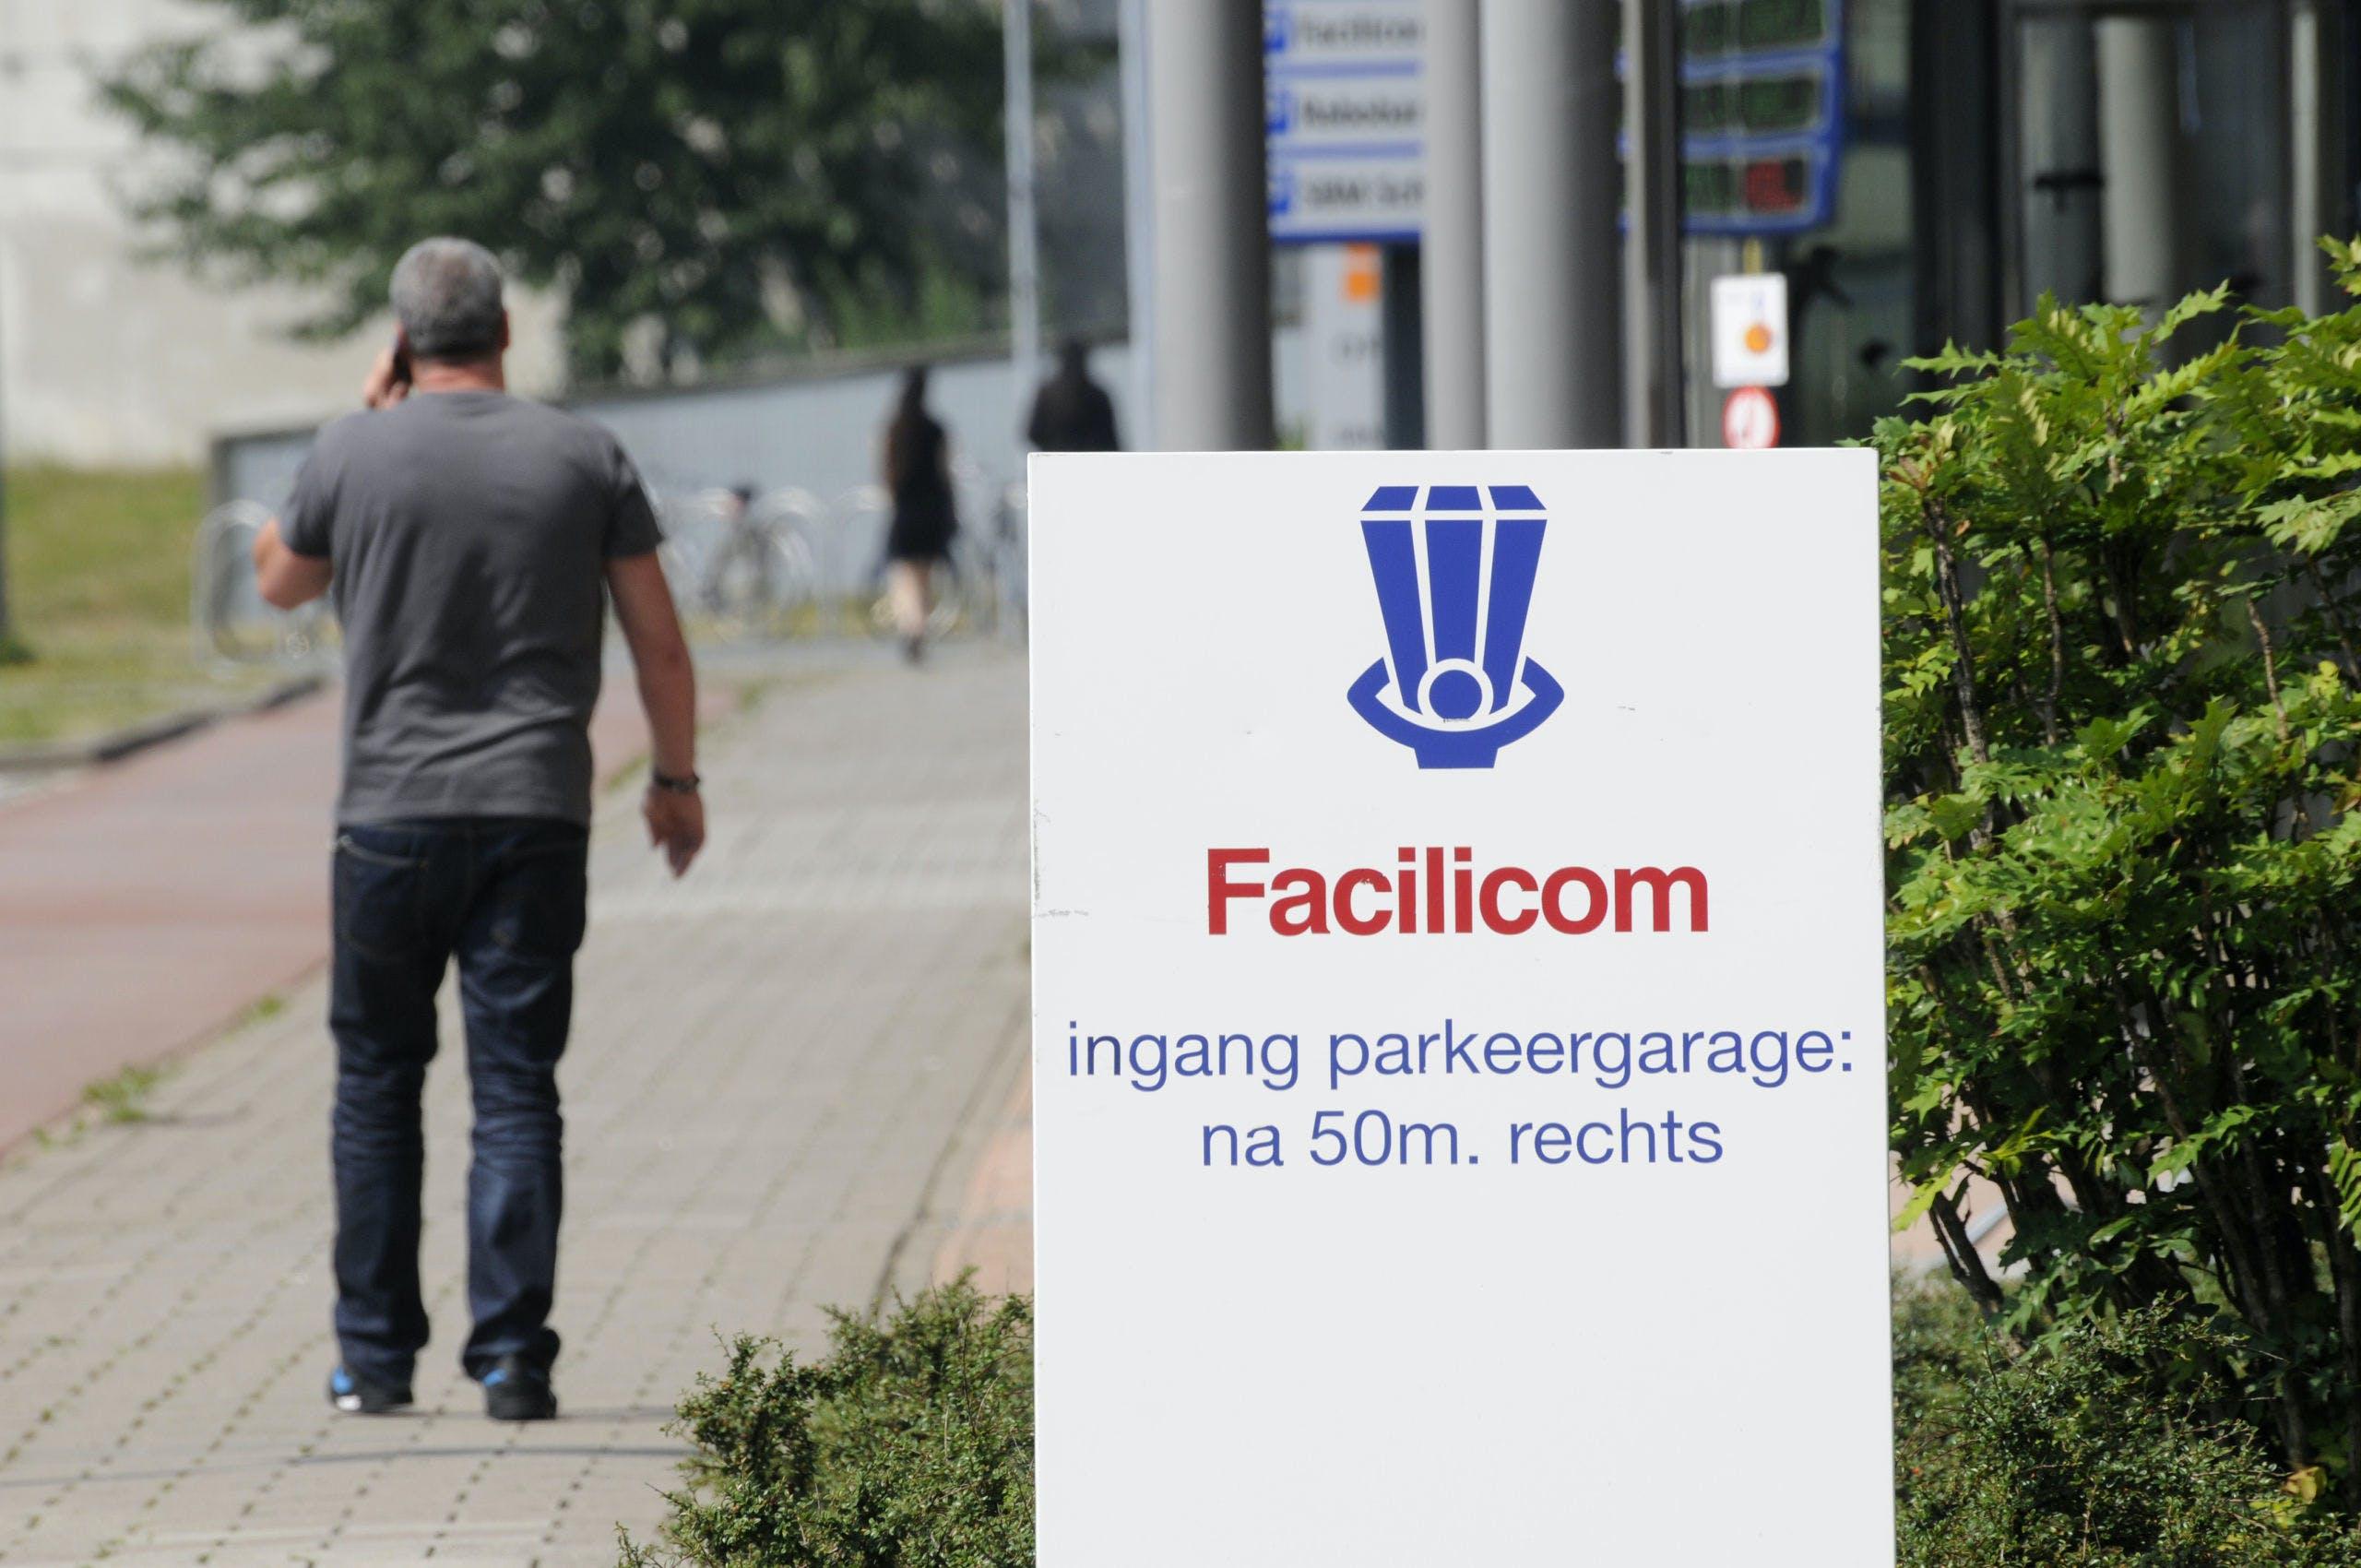 De tweede generatie van de familie Geurts droeg begin 2017 alle aandelen in schoonmaakbedrijf en facilitair dienstverlener Facilicom over aan de derde generatie.